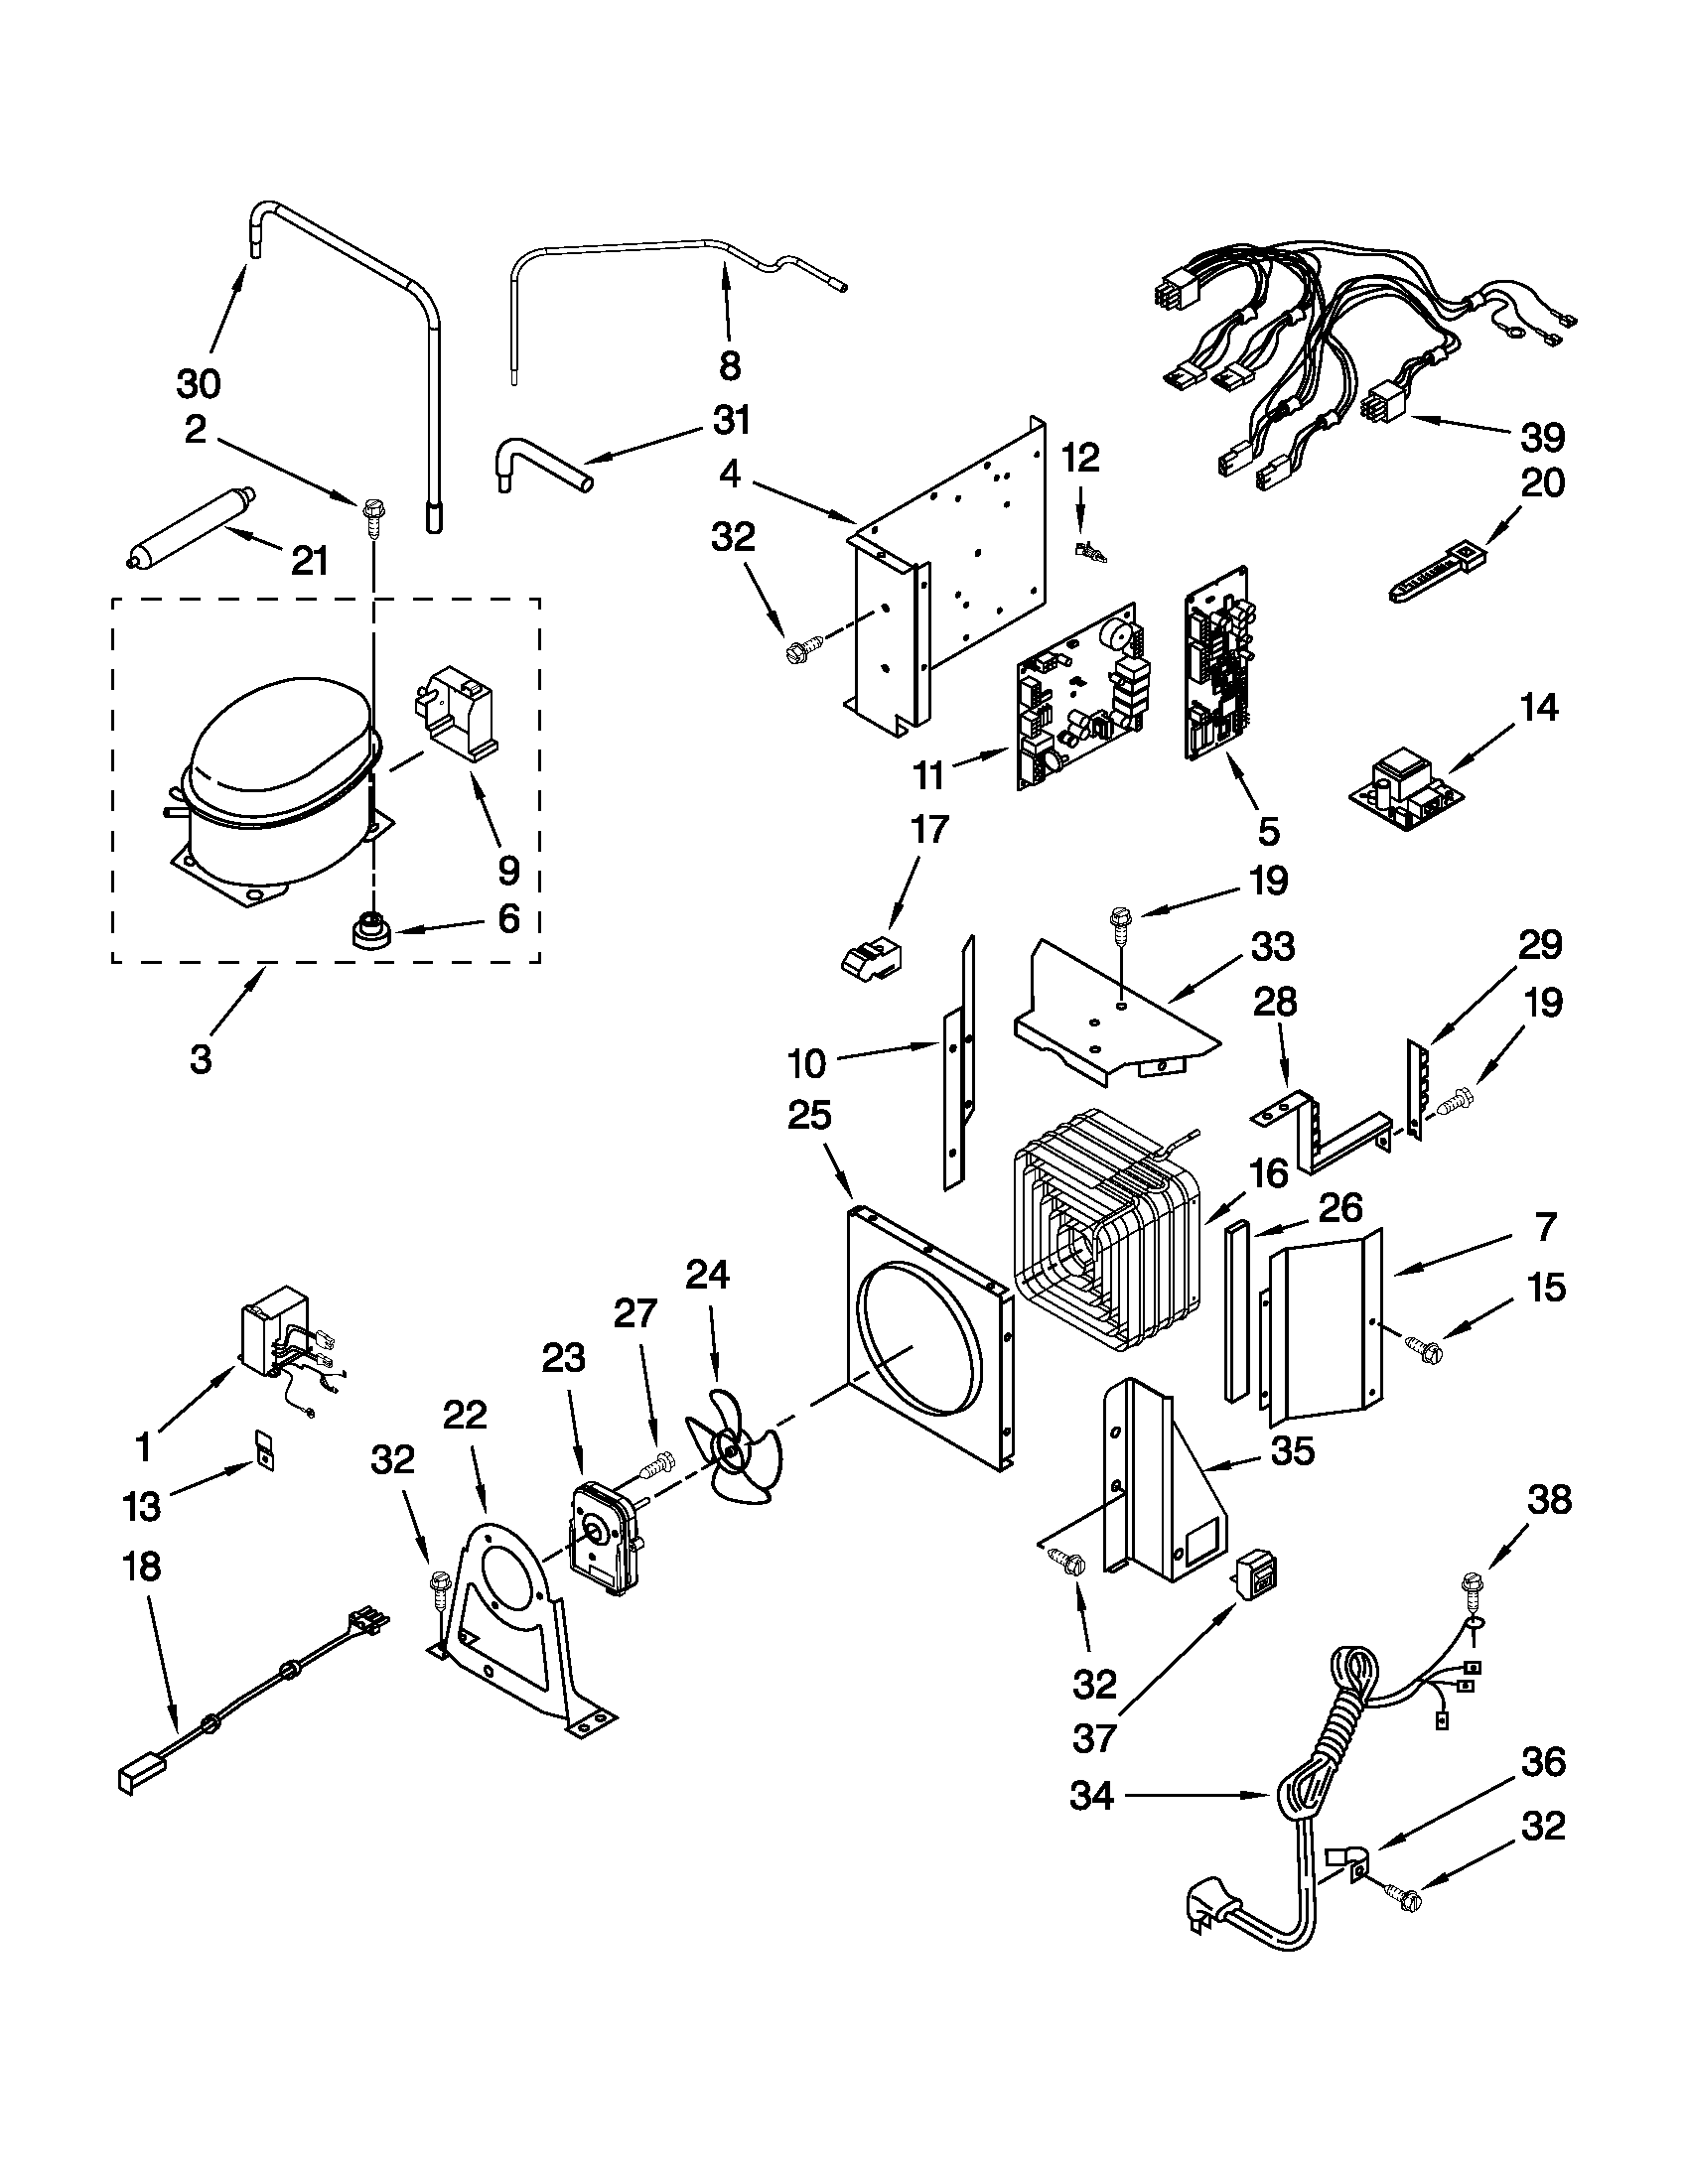 Jenn-Air  Built-In Refrigerator  Upper unit parts